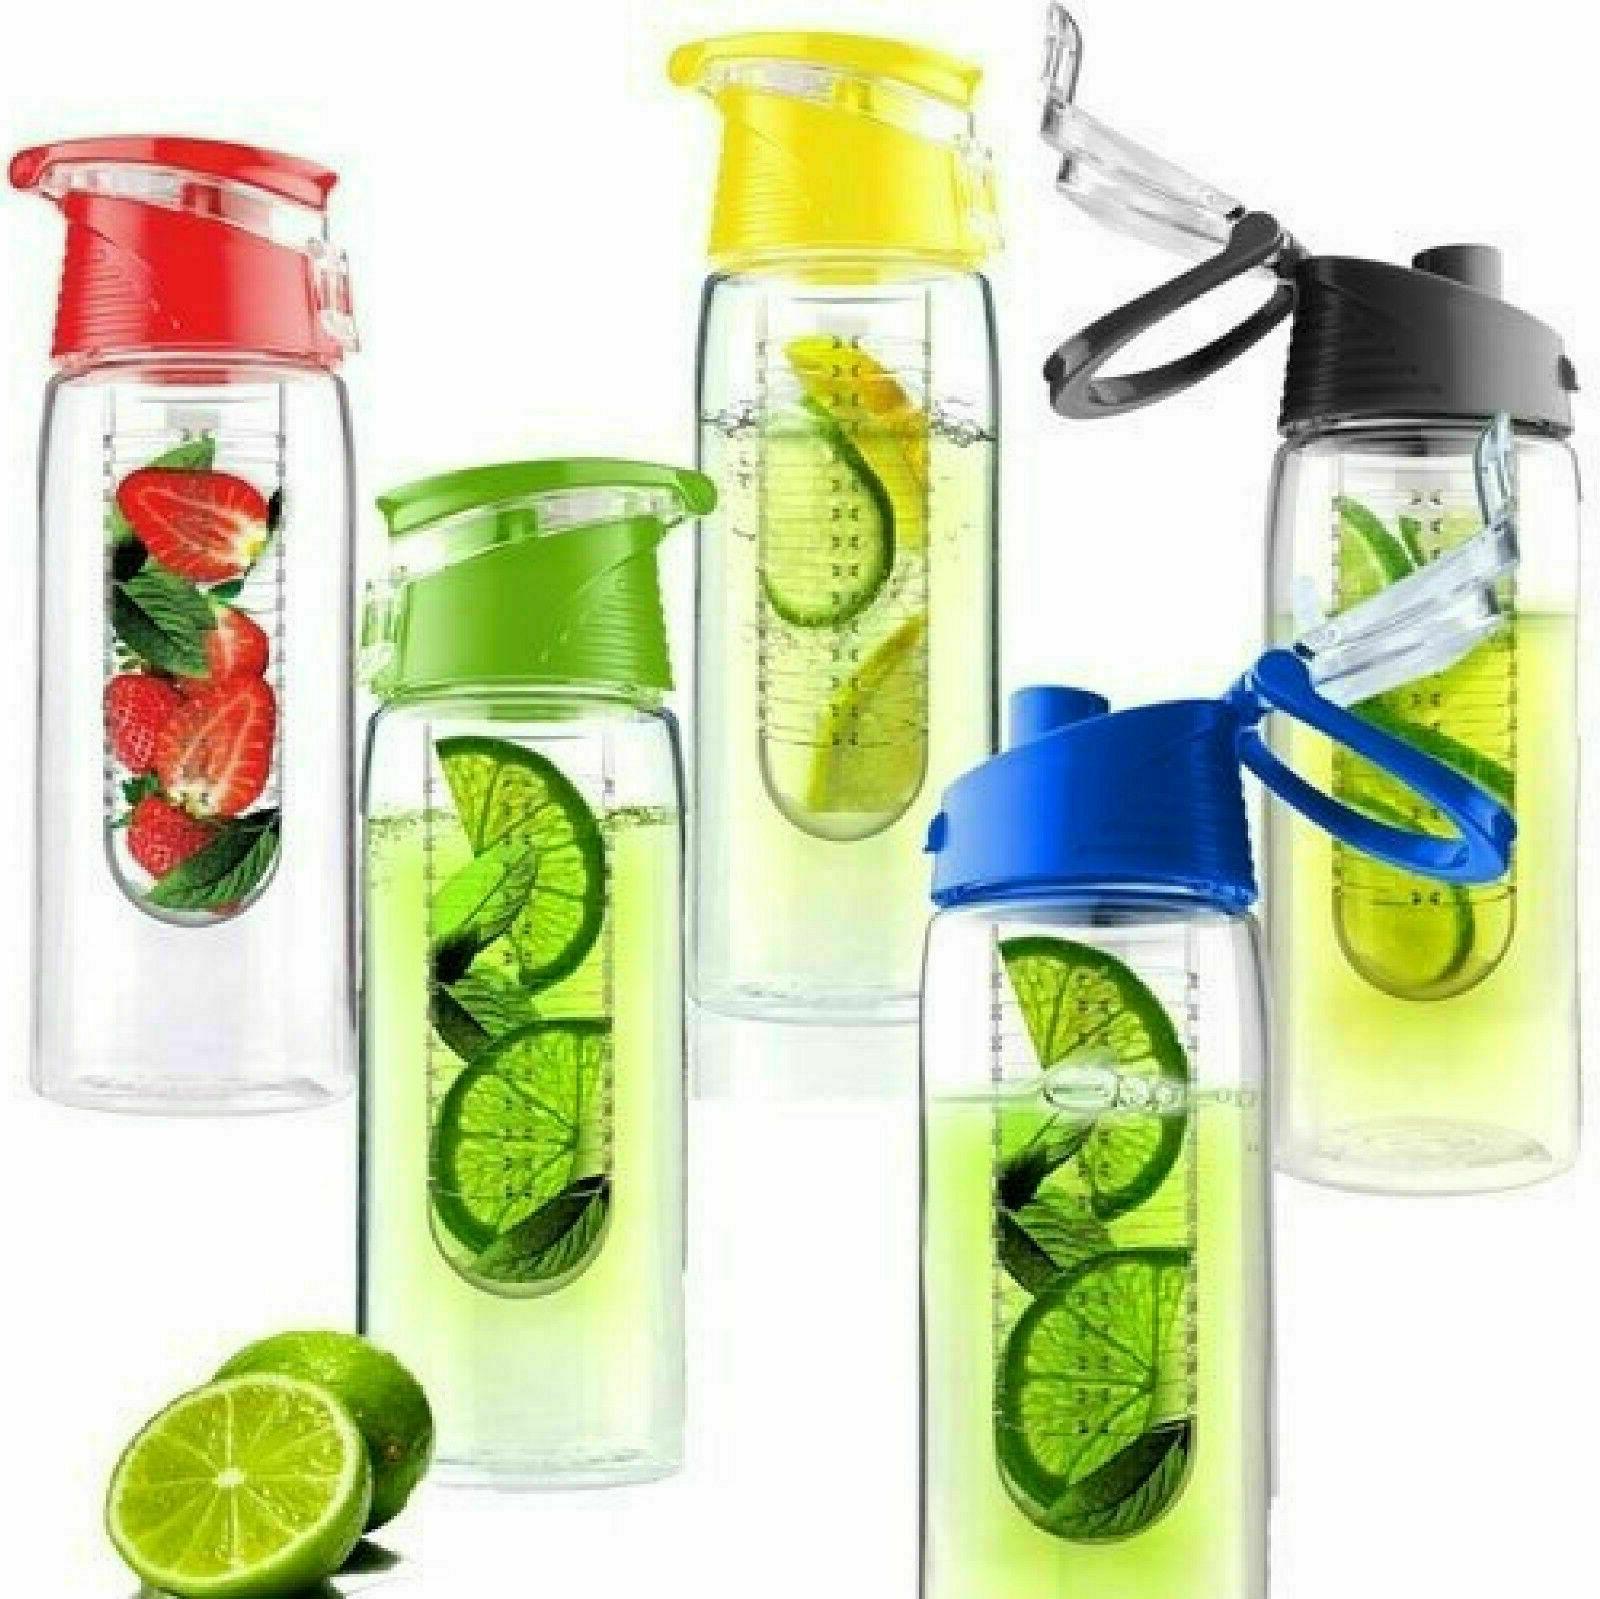 750ml Sports BPA Free Infuser Water Bottle Fruit Lemon Juice